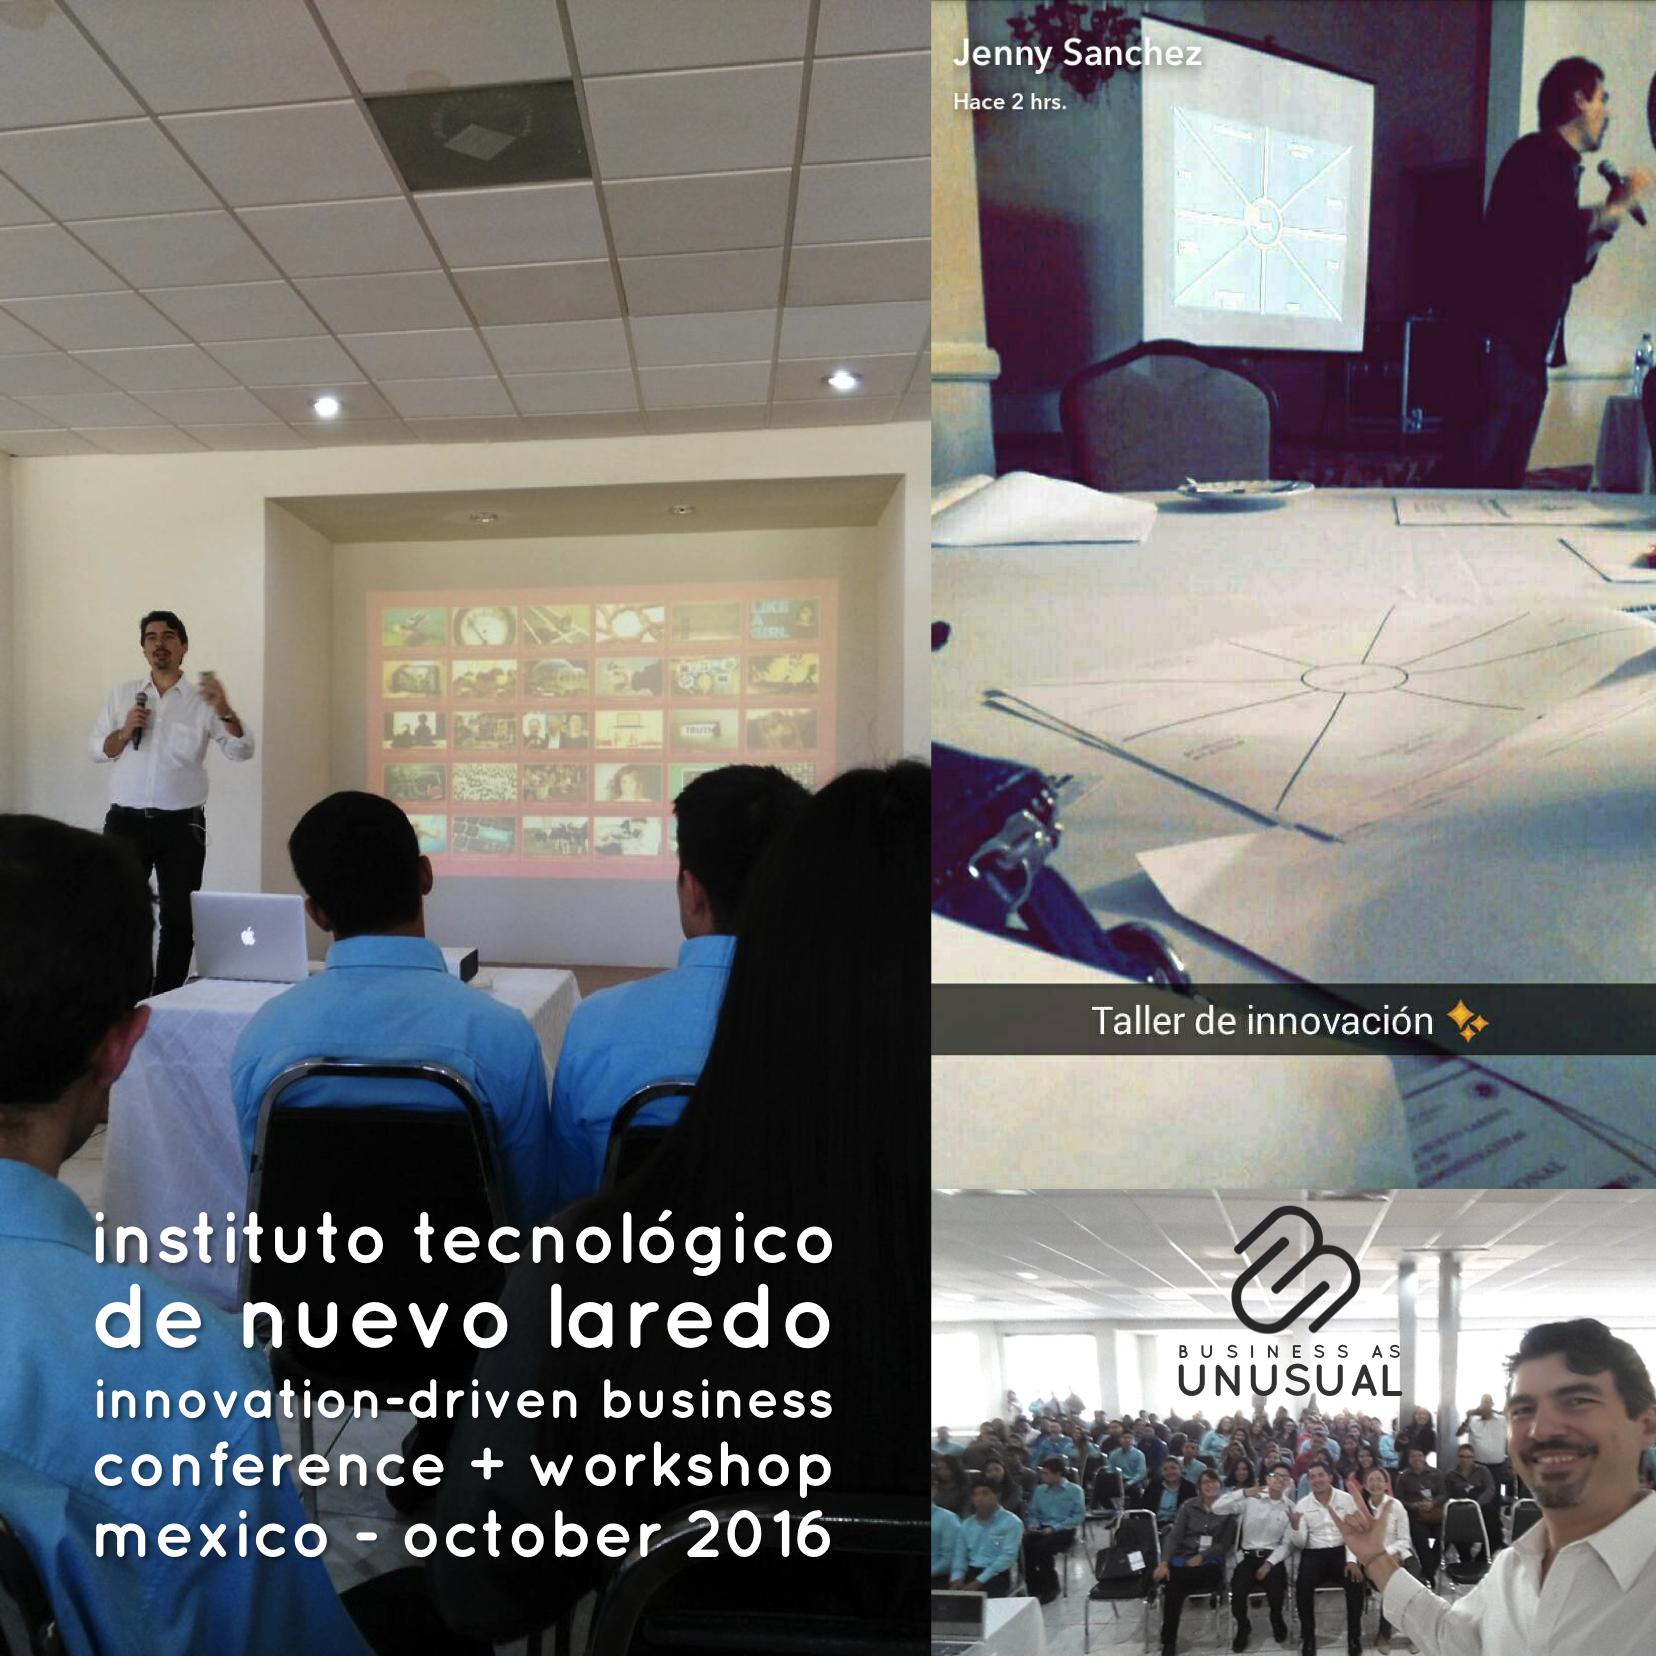 Instituto Tecnológico de Nuevo Laredo - Innovation-Driven Business